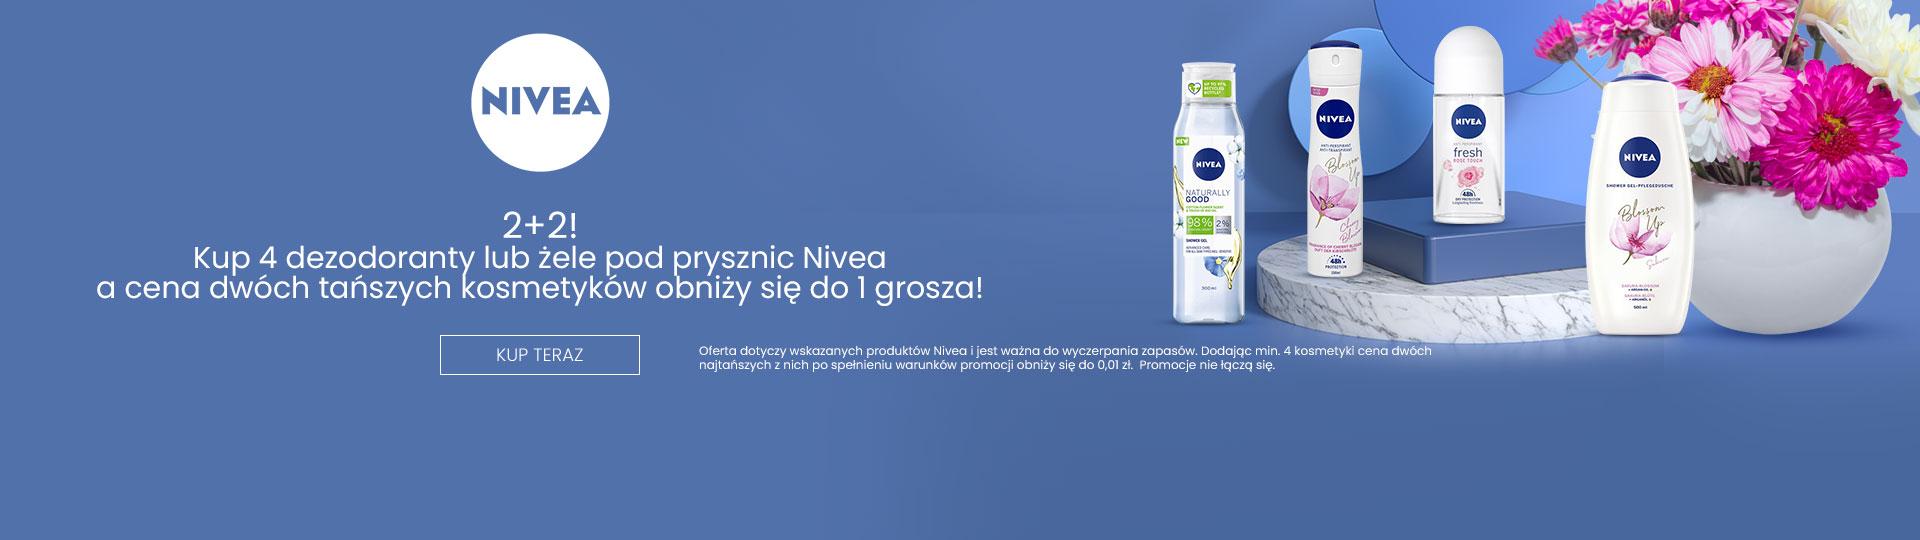 Ezebra: kup 4 dezodoranty lub żele pod prysznic marki Nivea, a cena dwóch tańszych obniży się do 1 grosza